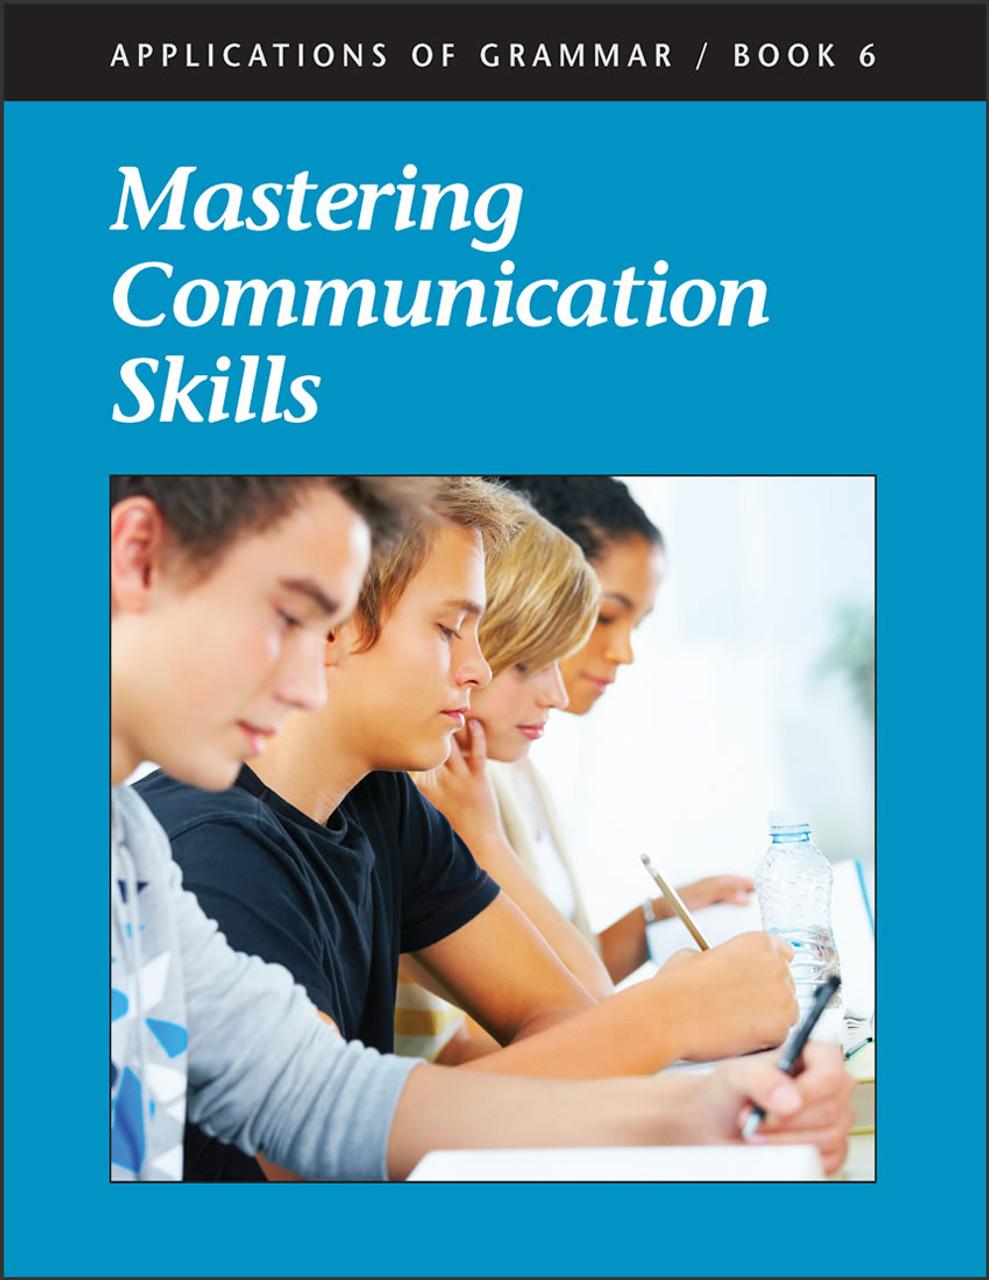 Applications of Grammar 6: Mastering Communication Skills